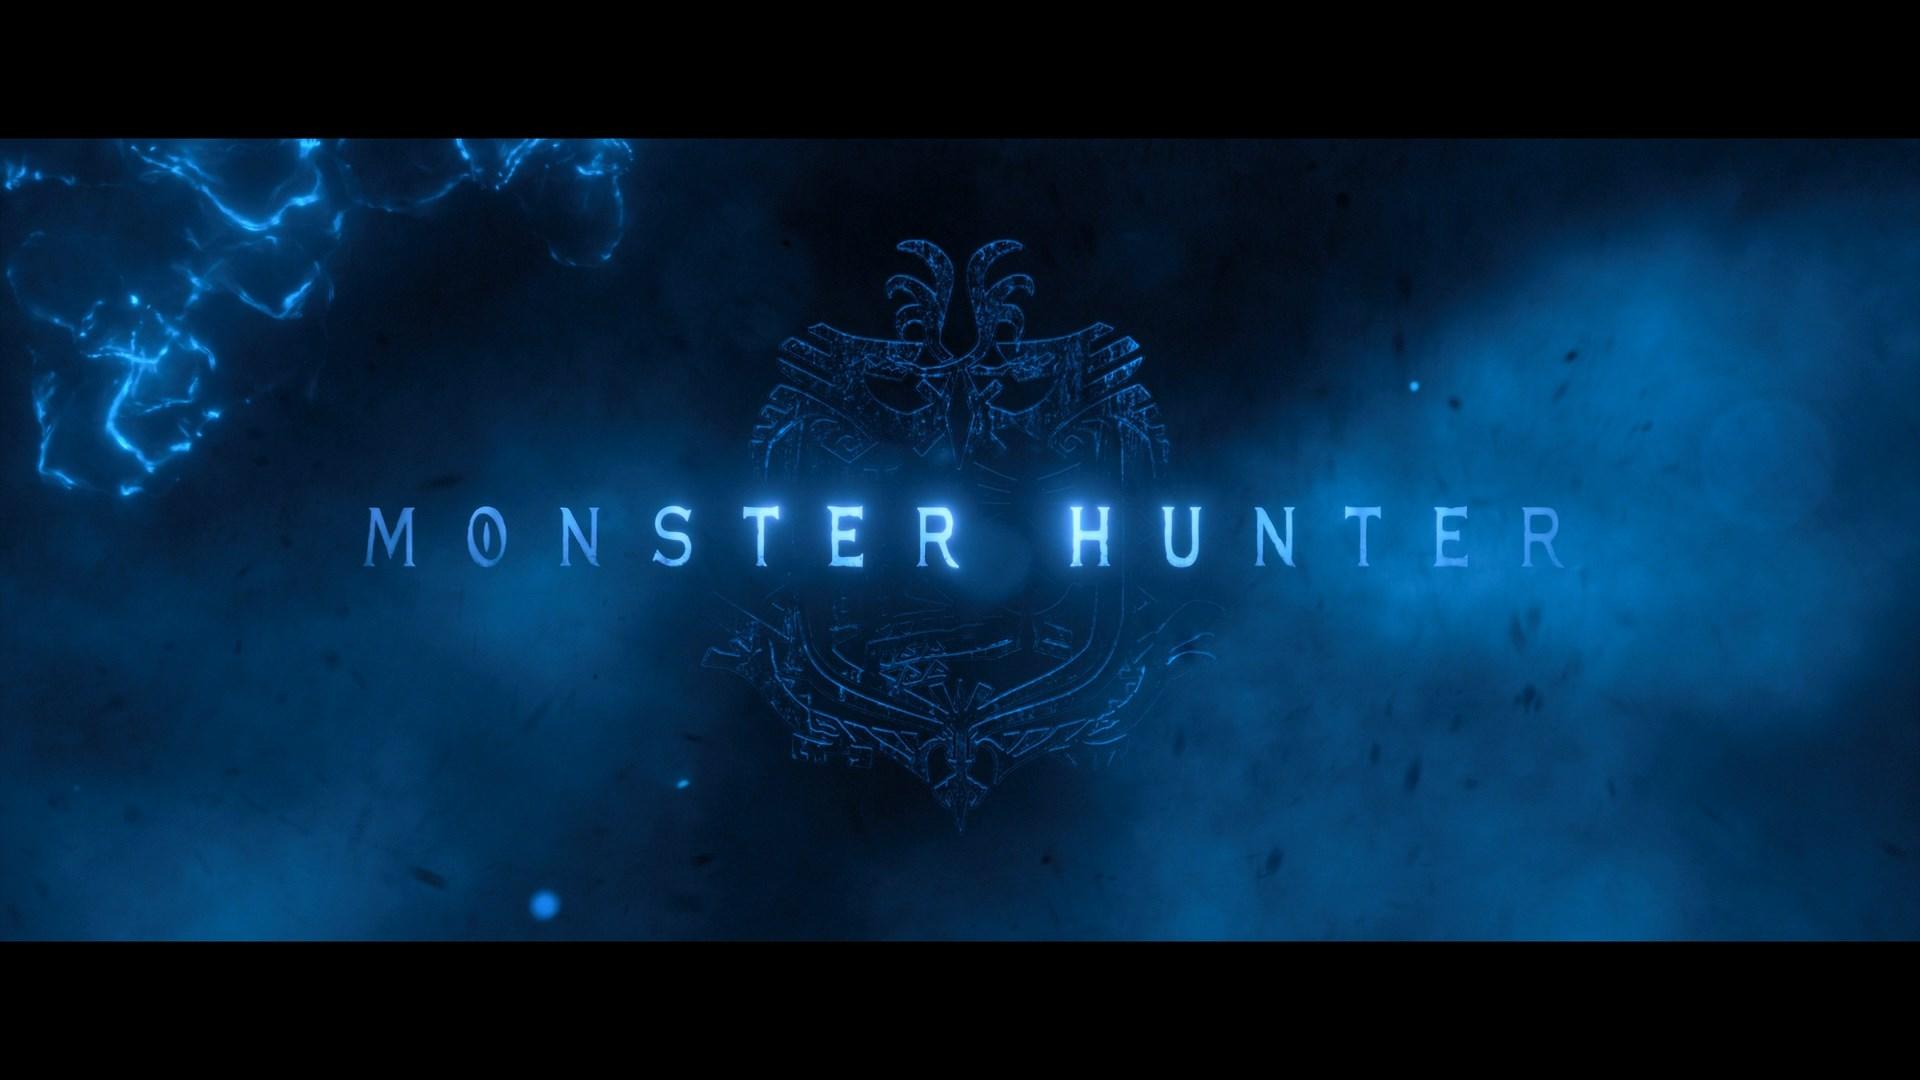 Monster Hunter: La cacería comienza (2020) 1080p Remux Latino